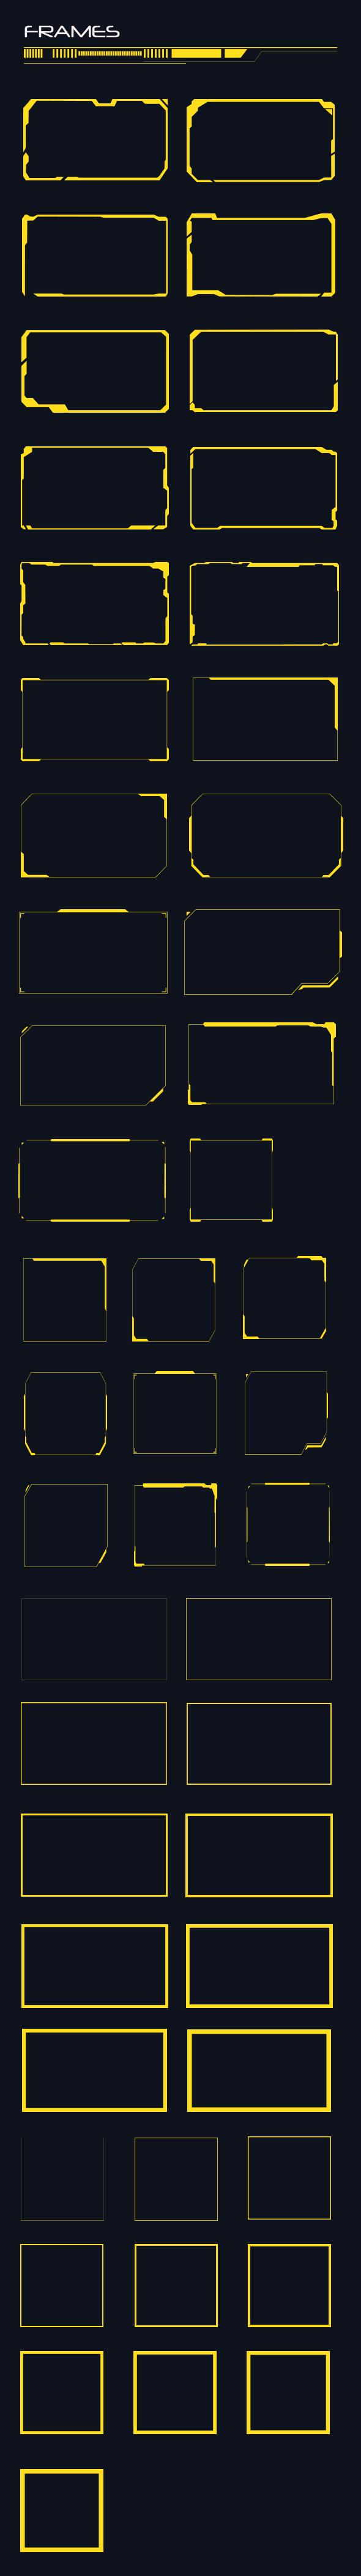 GraphicRiver 50 Hi-tech Frames Custom Shapes 20461030